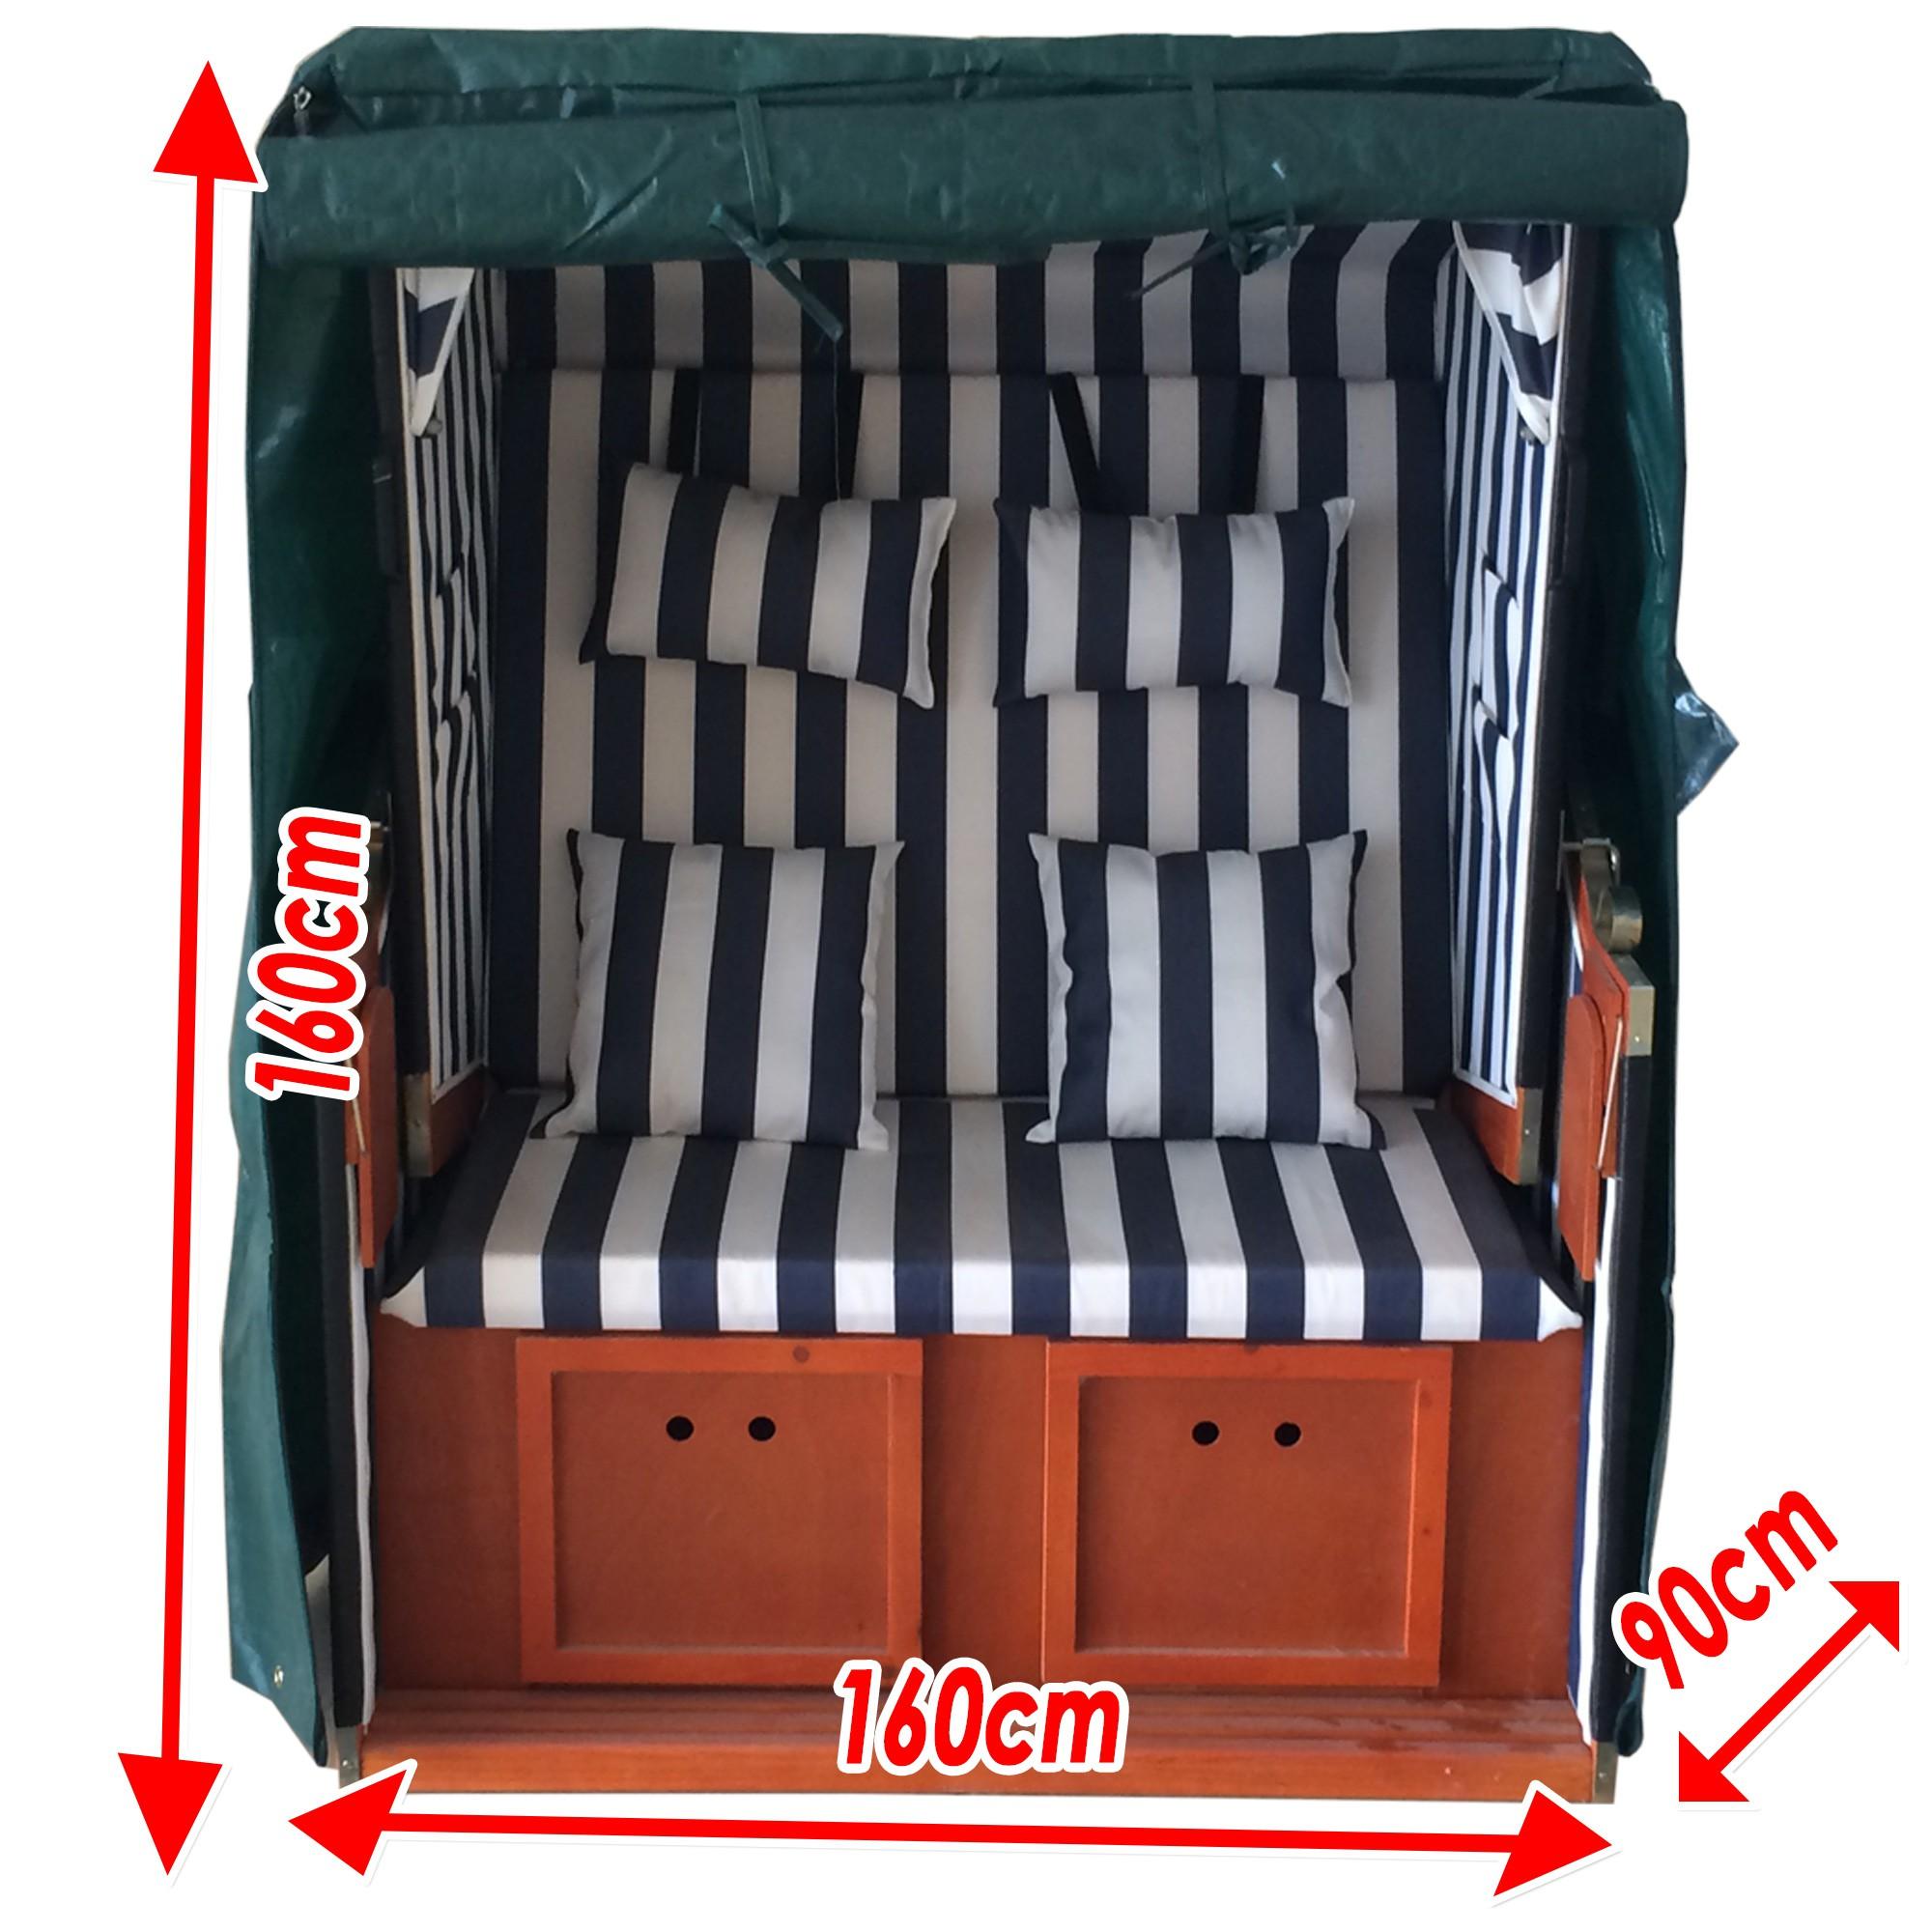 abdeckung strandkorb g nstig schutzh lle strandkorb xxl kaufen. Black Bedroom Furniture Sets. Home Design Ideas